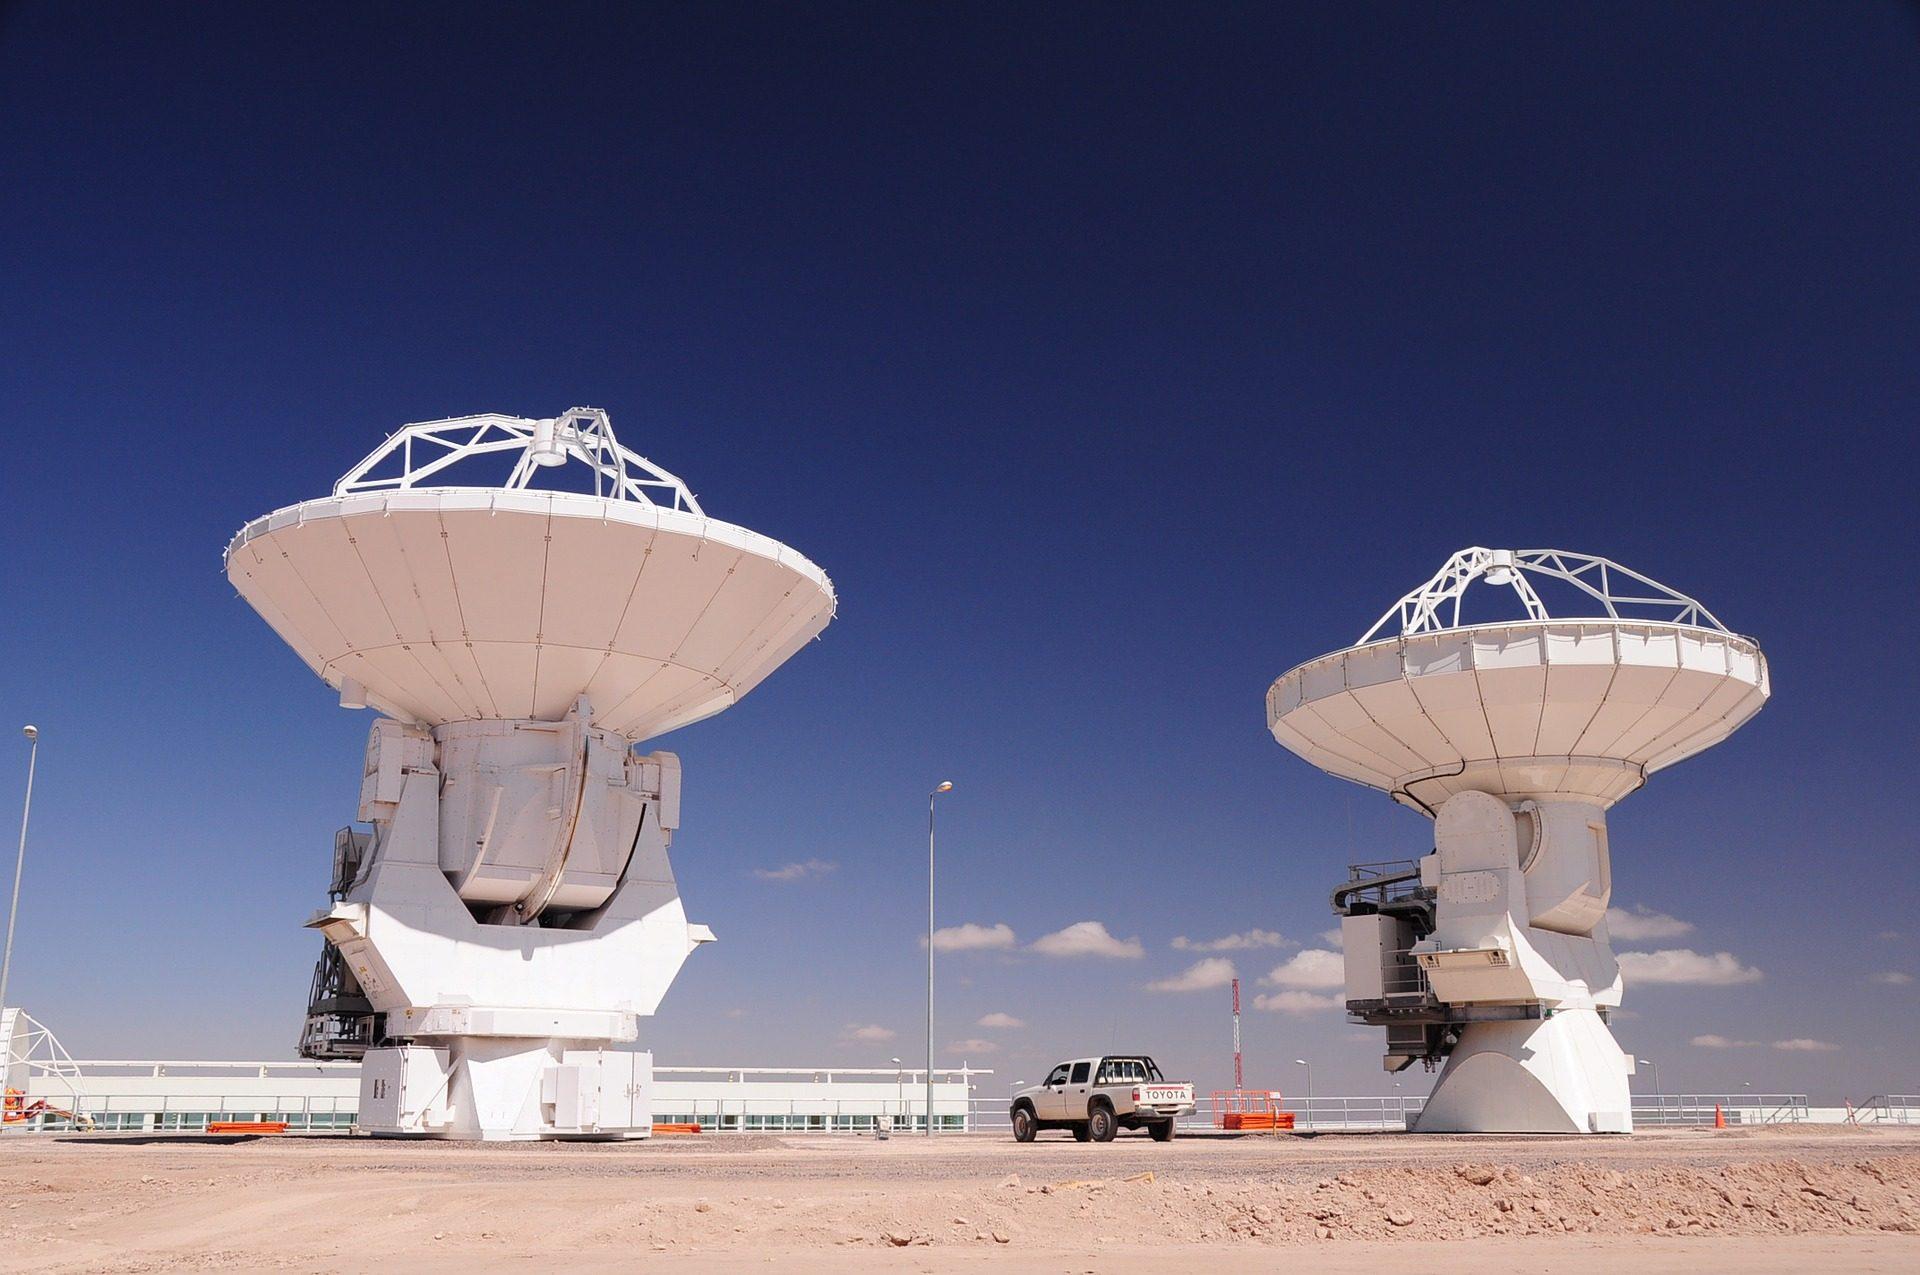 天文台, スペース, アンテナ, 探査, 研究, チリ - HD の壁紙 - 教授-falken.com